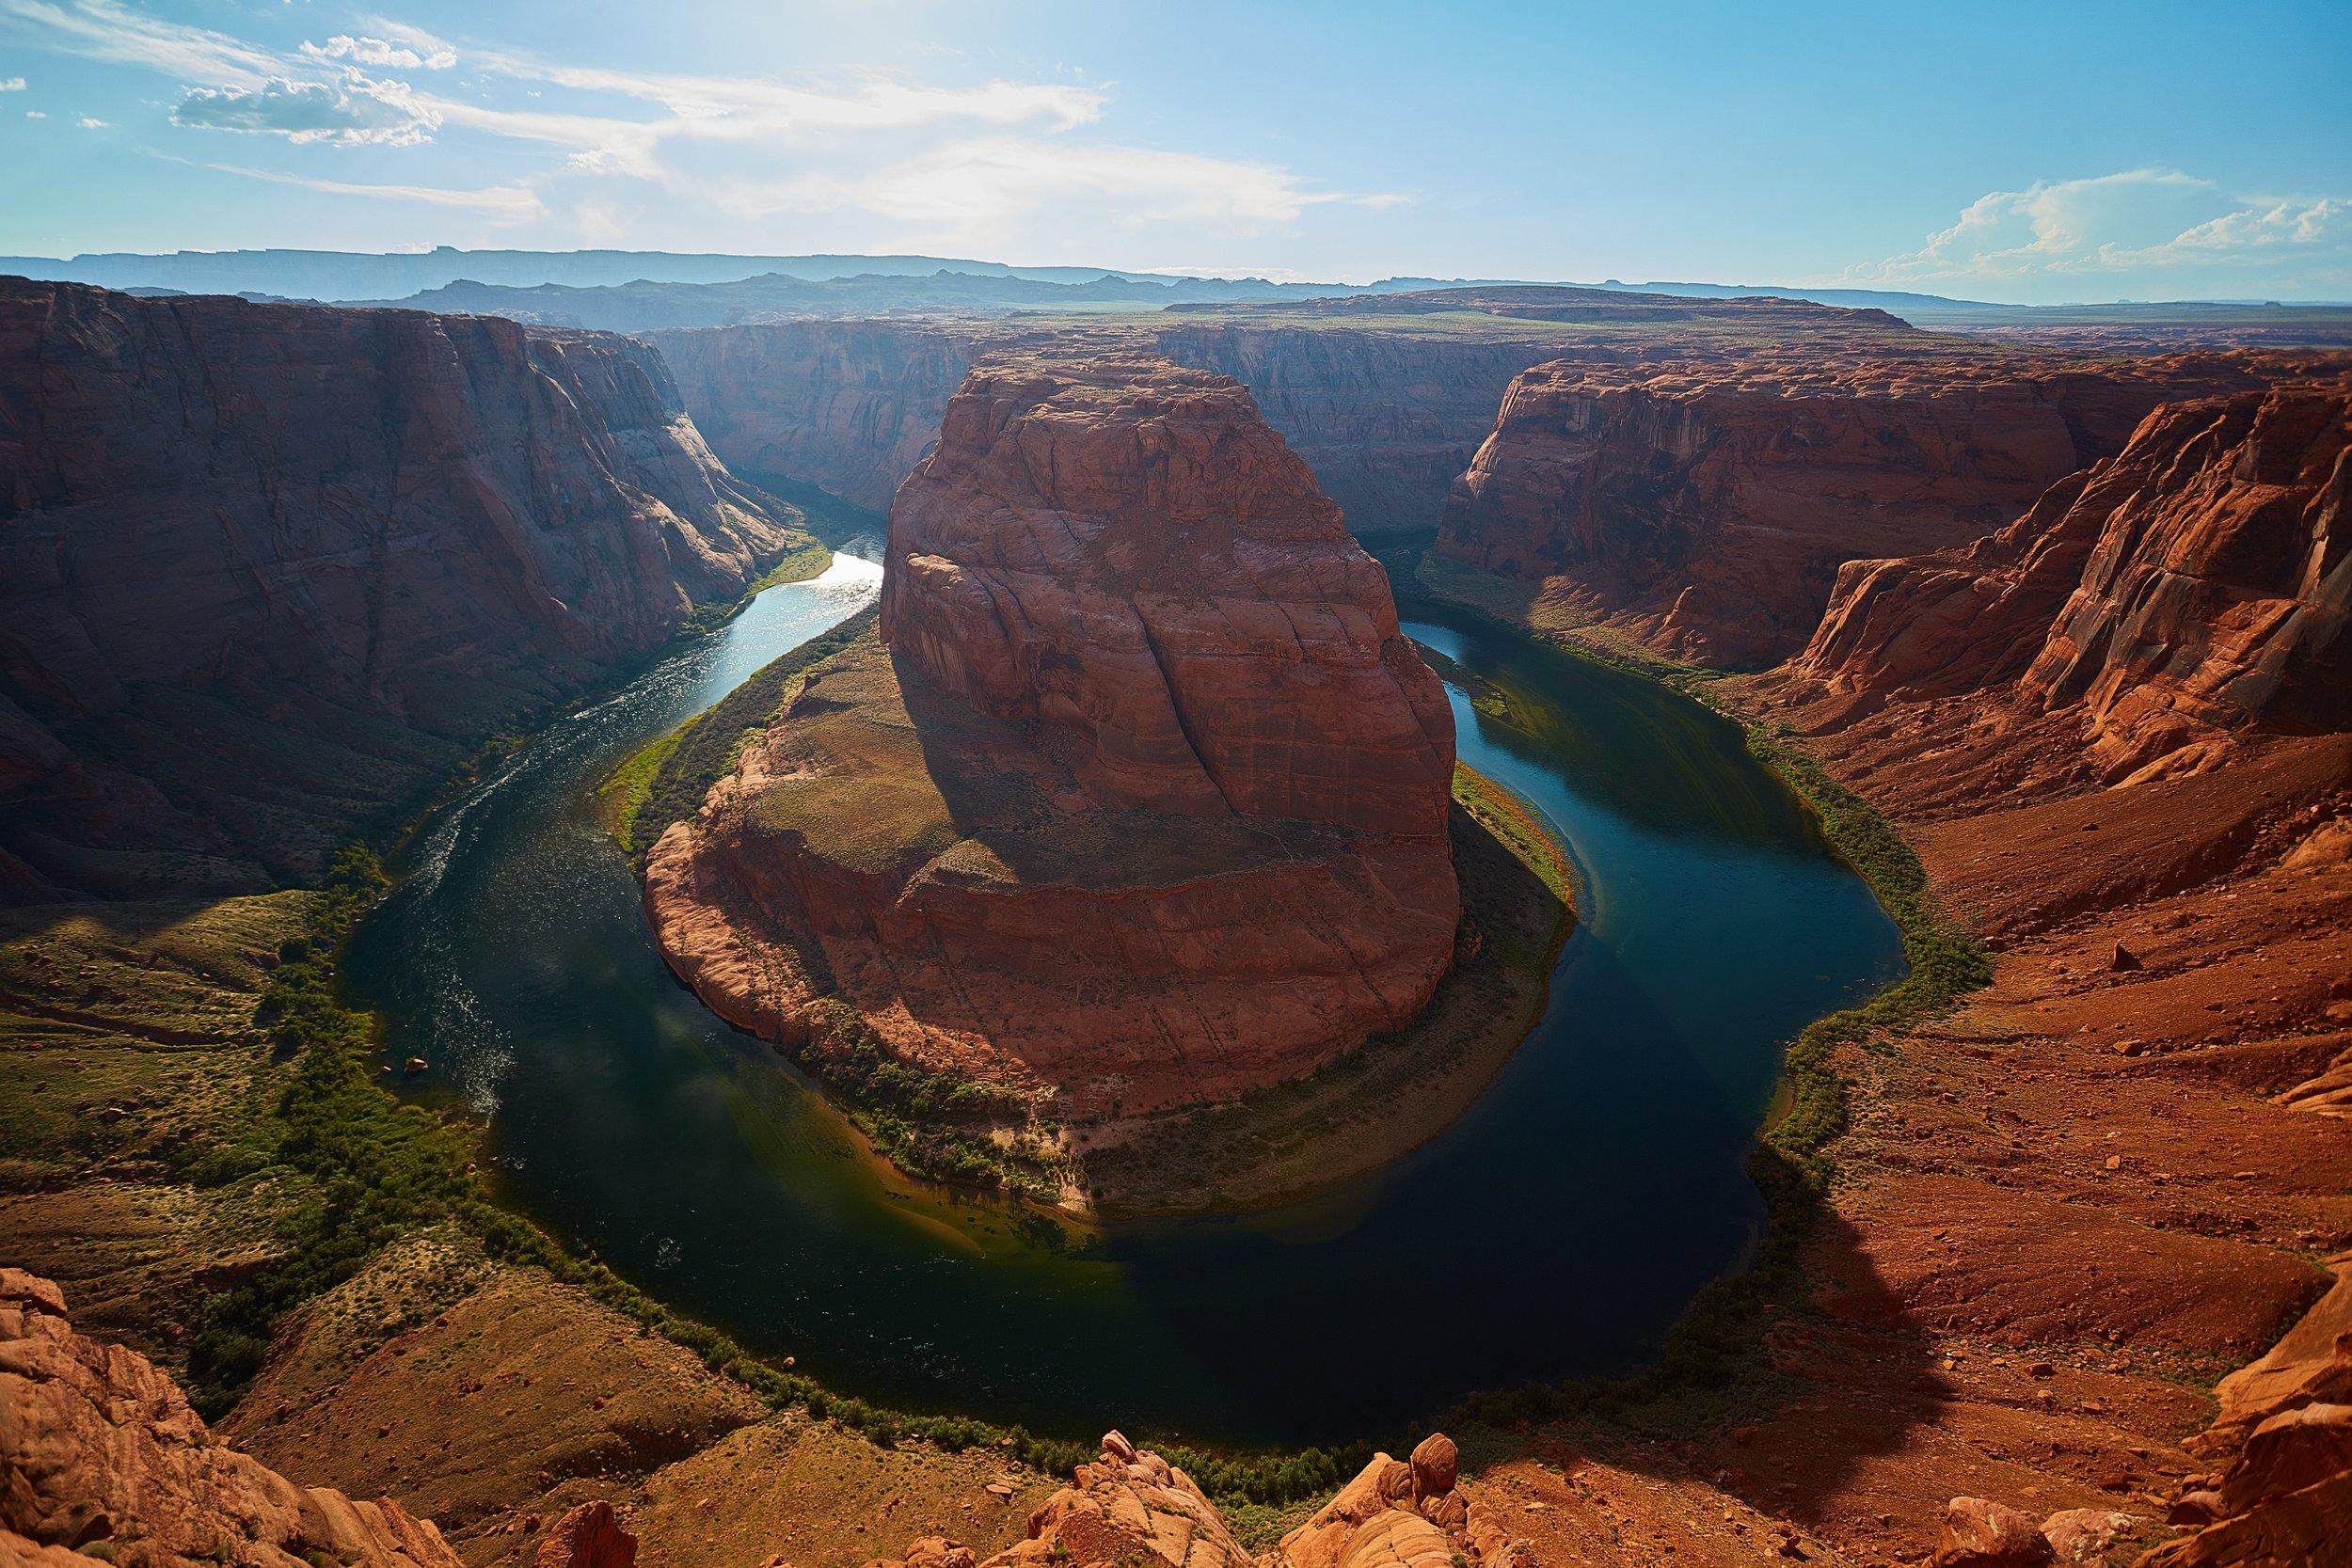 Page, Arizona Photo by  Wolf Schram  on  Unsplash